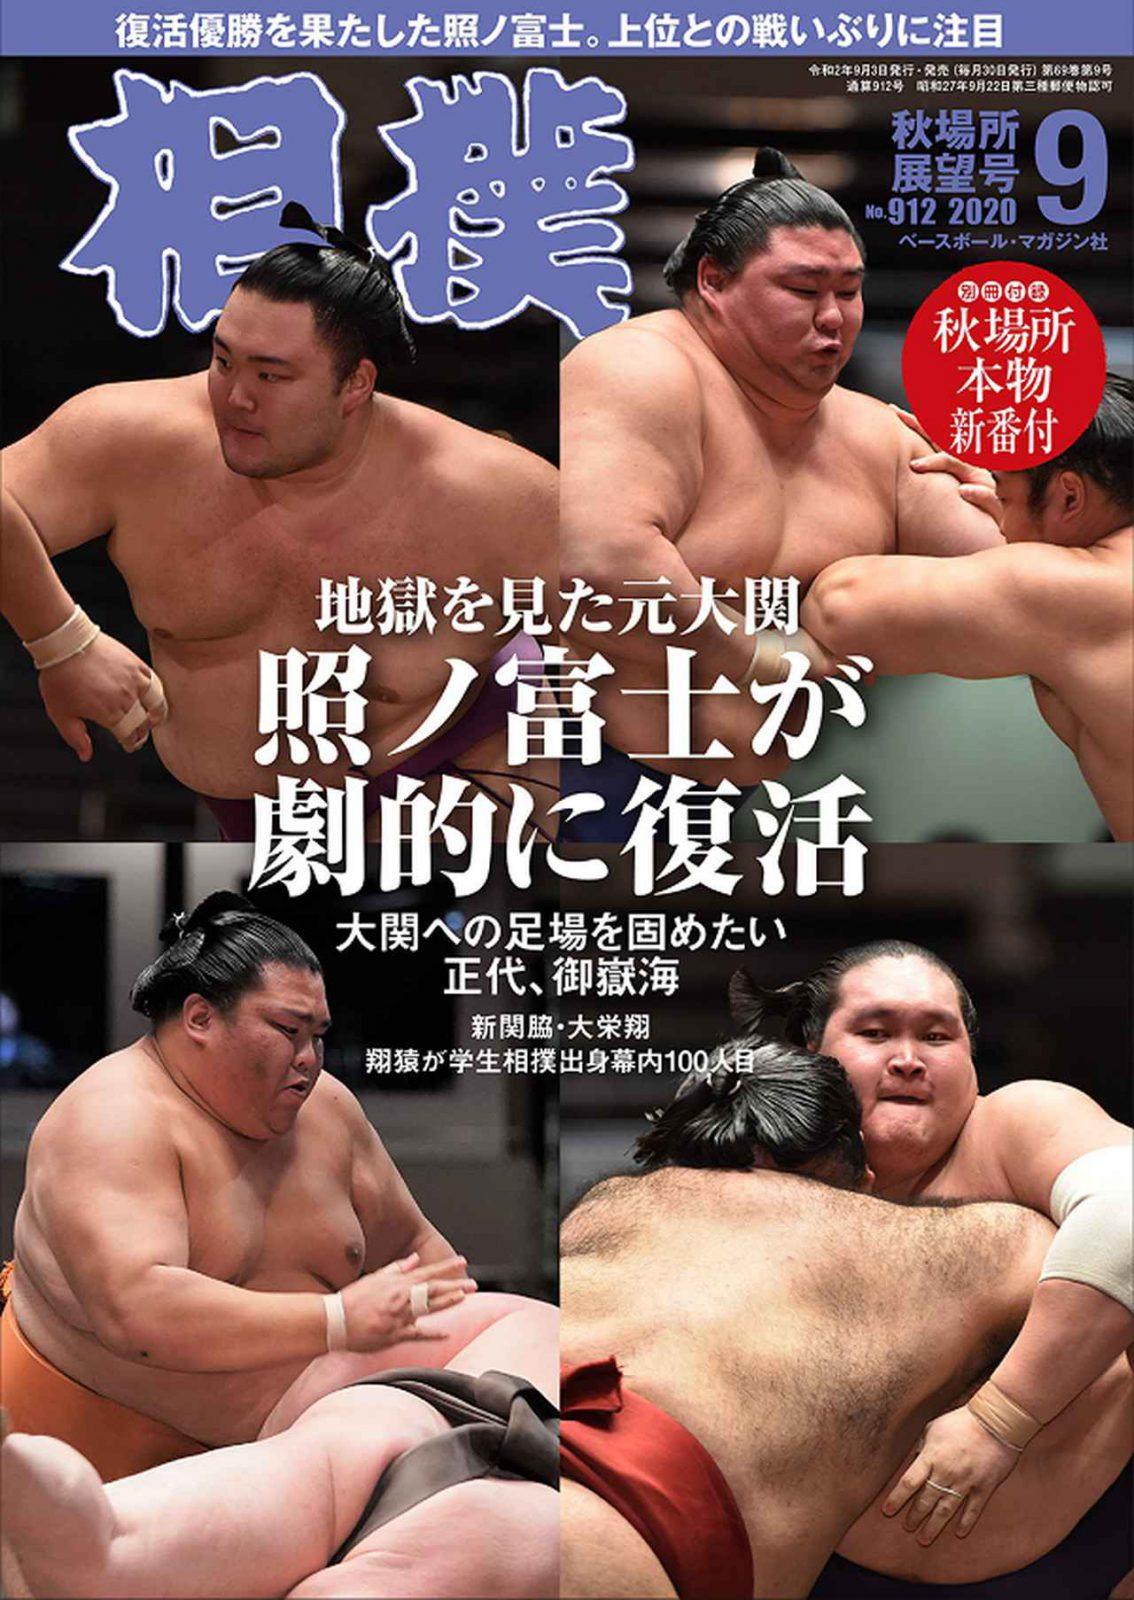 『相撲』9月号